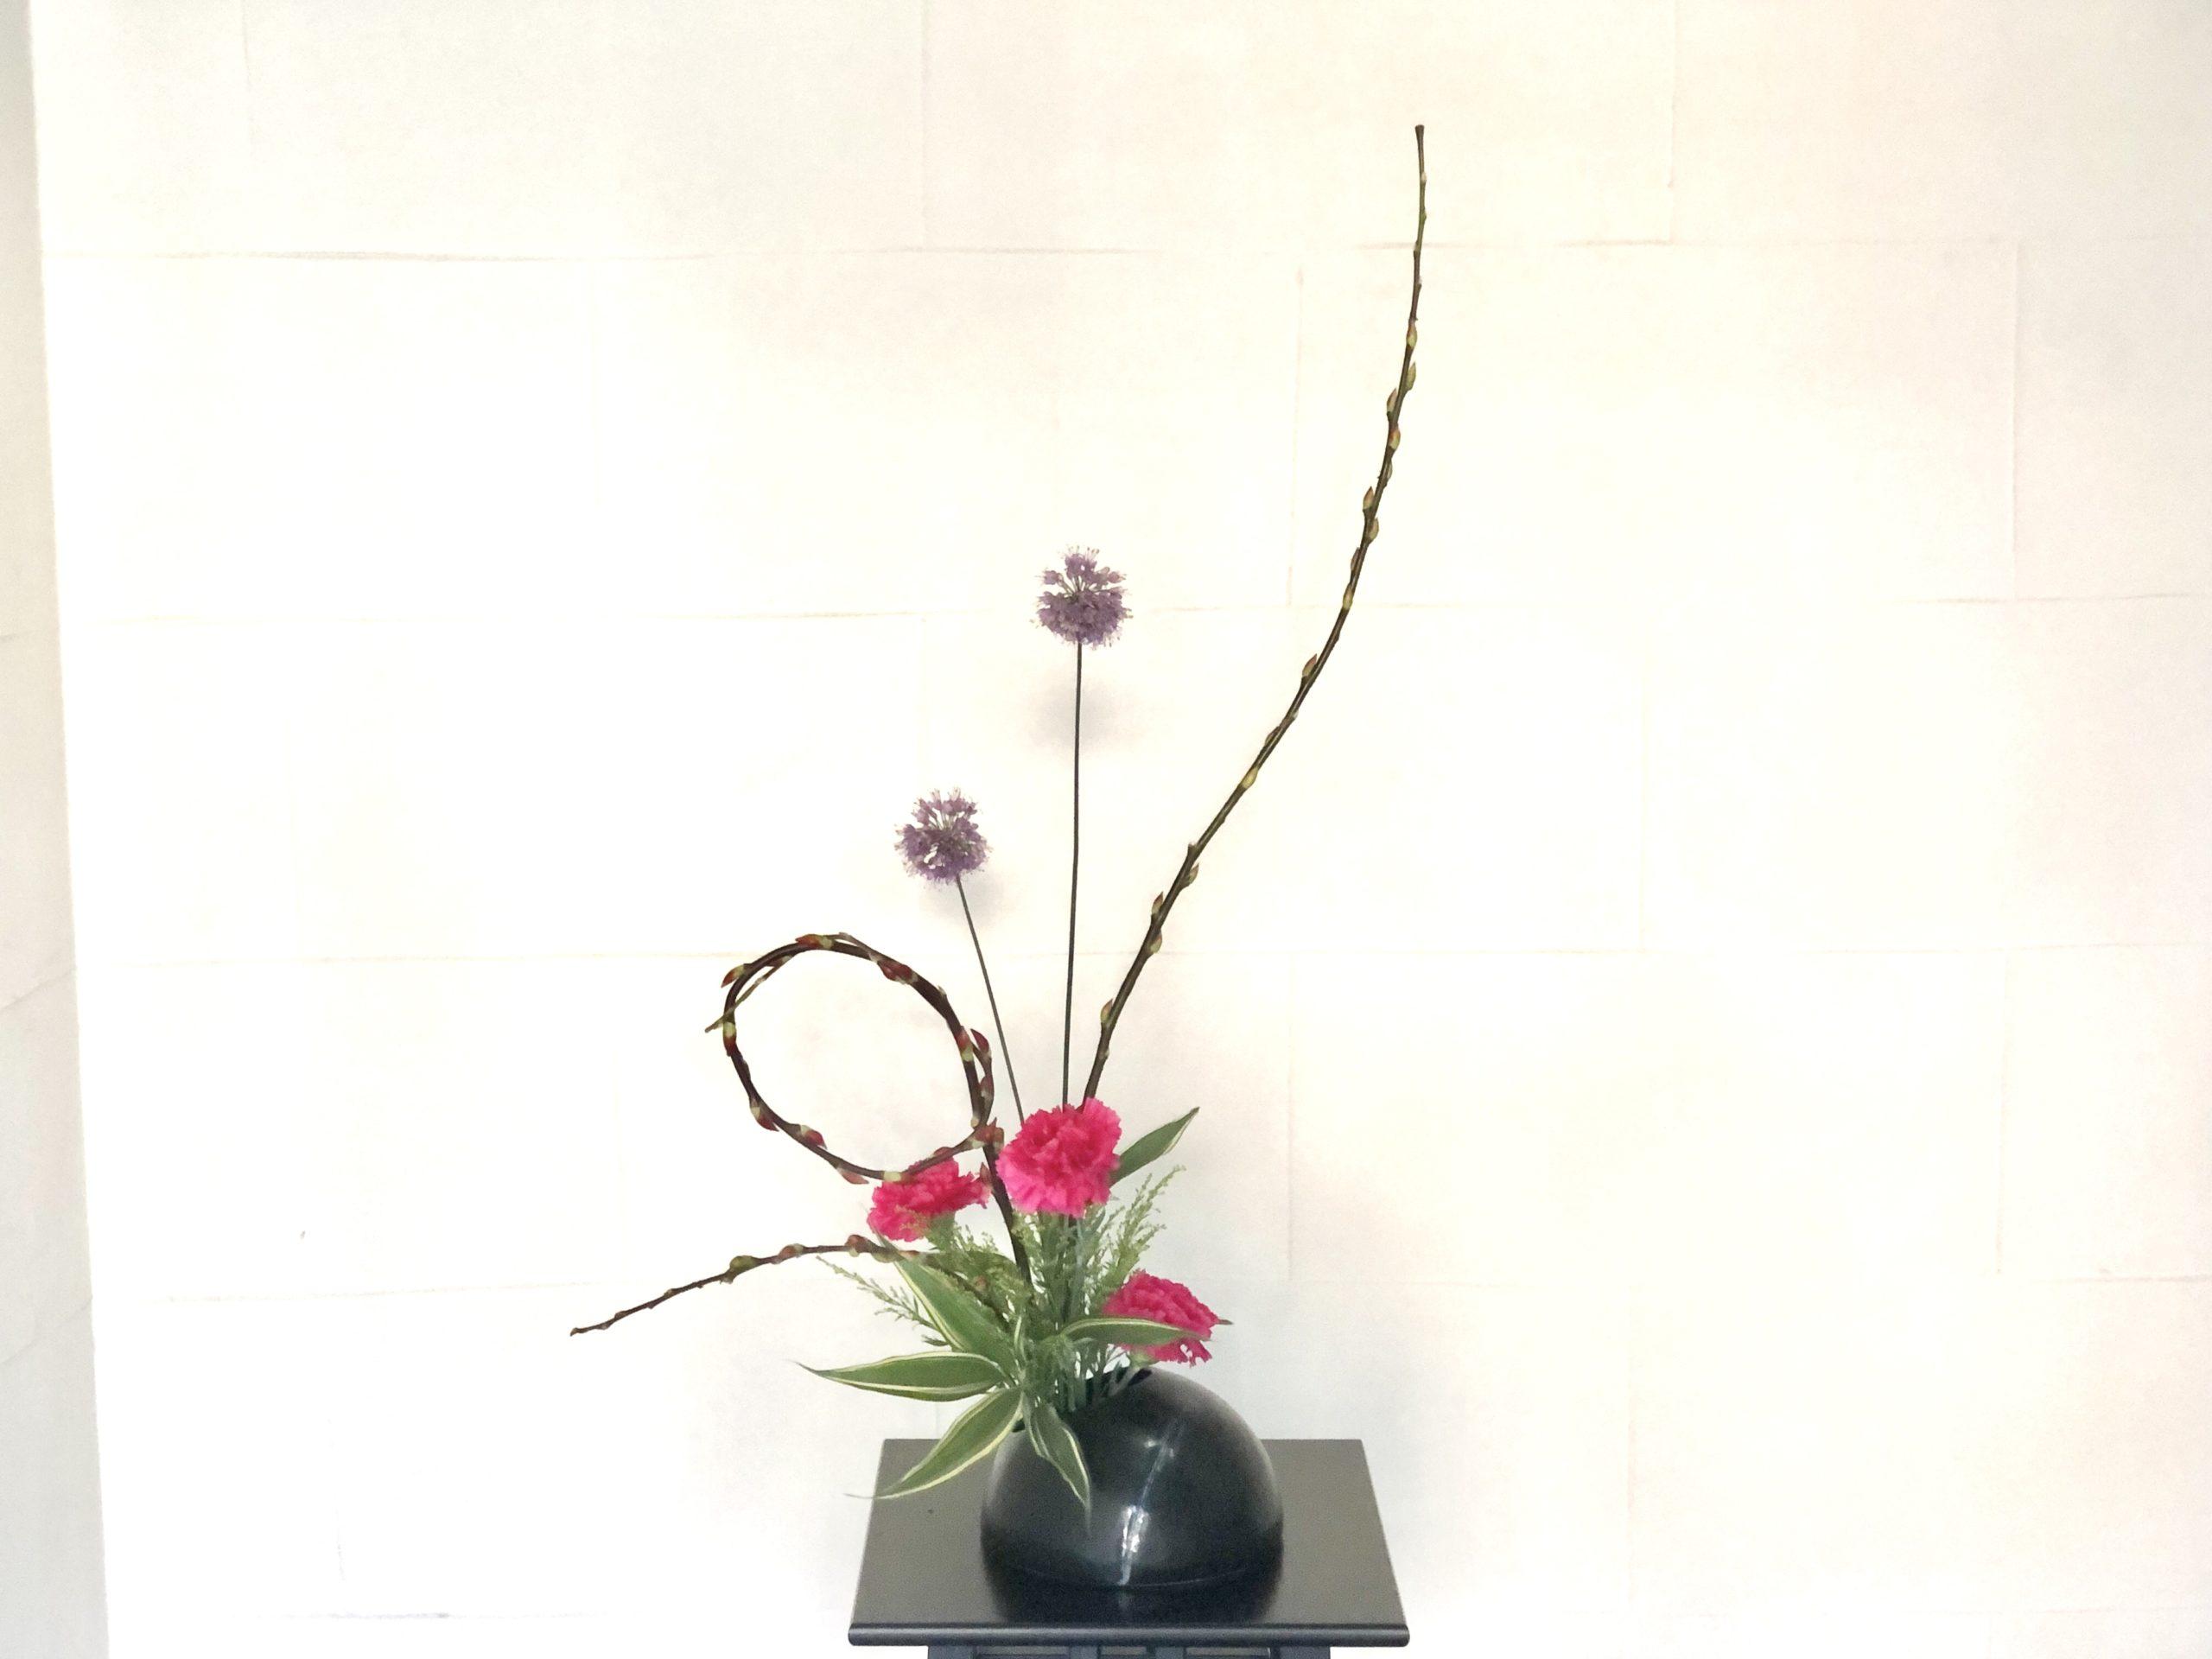 赤目柳の曲線を楽しむ生け花